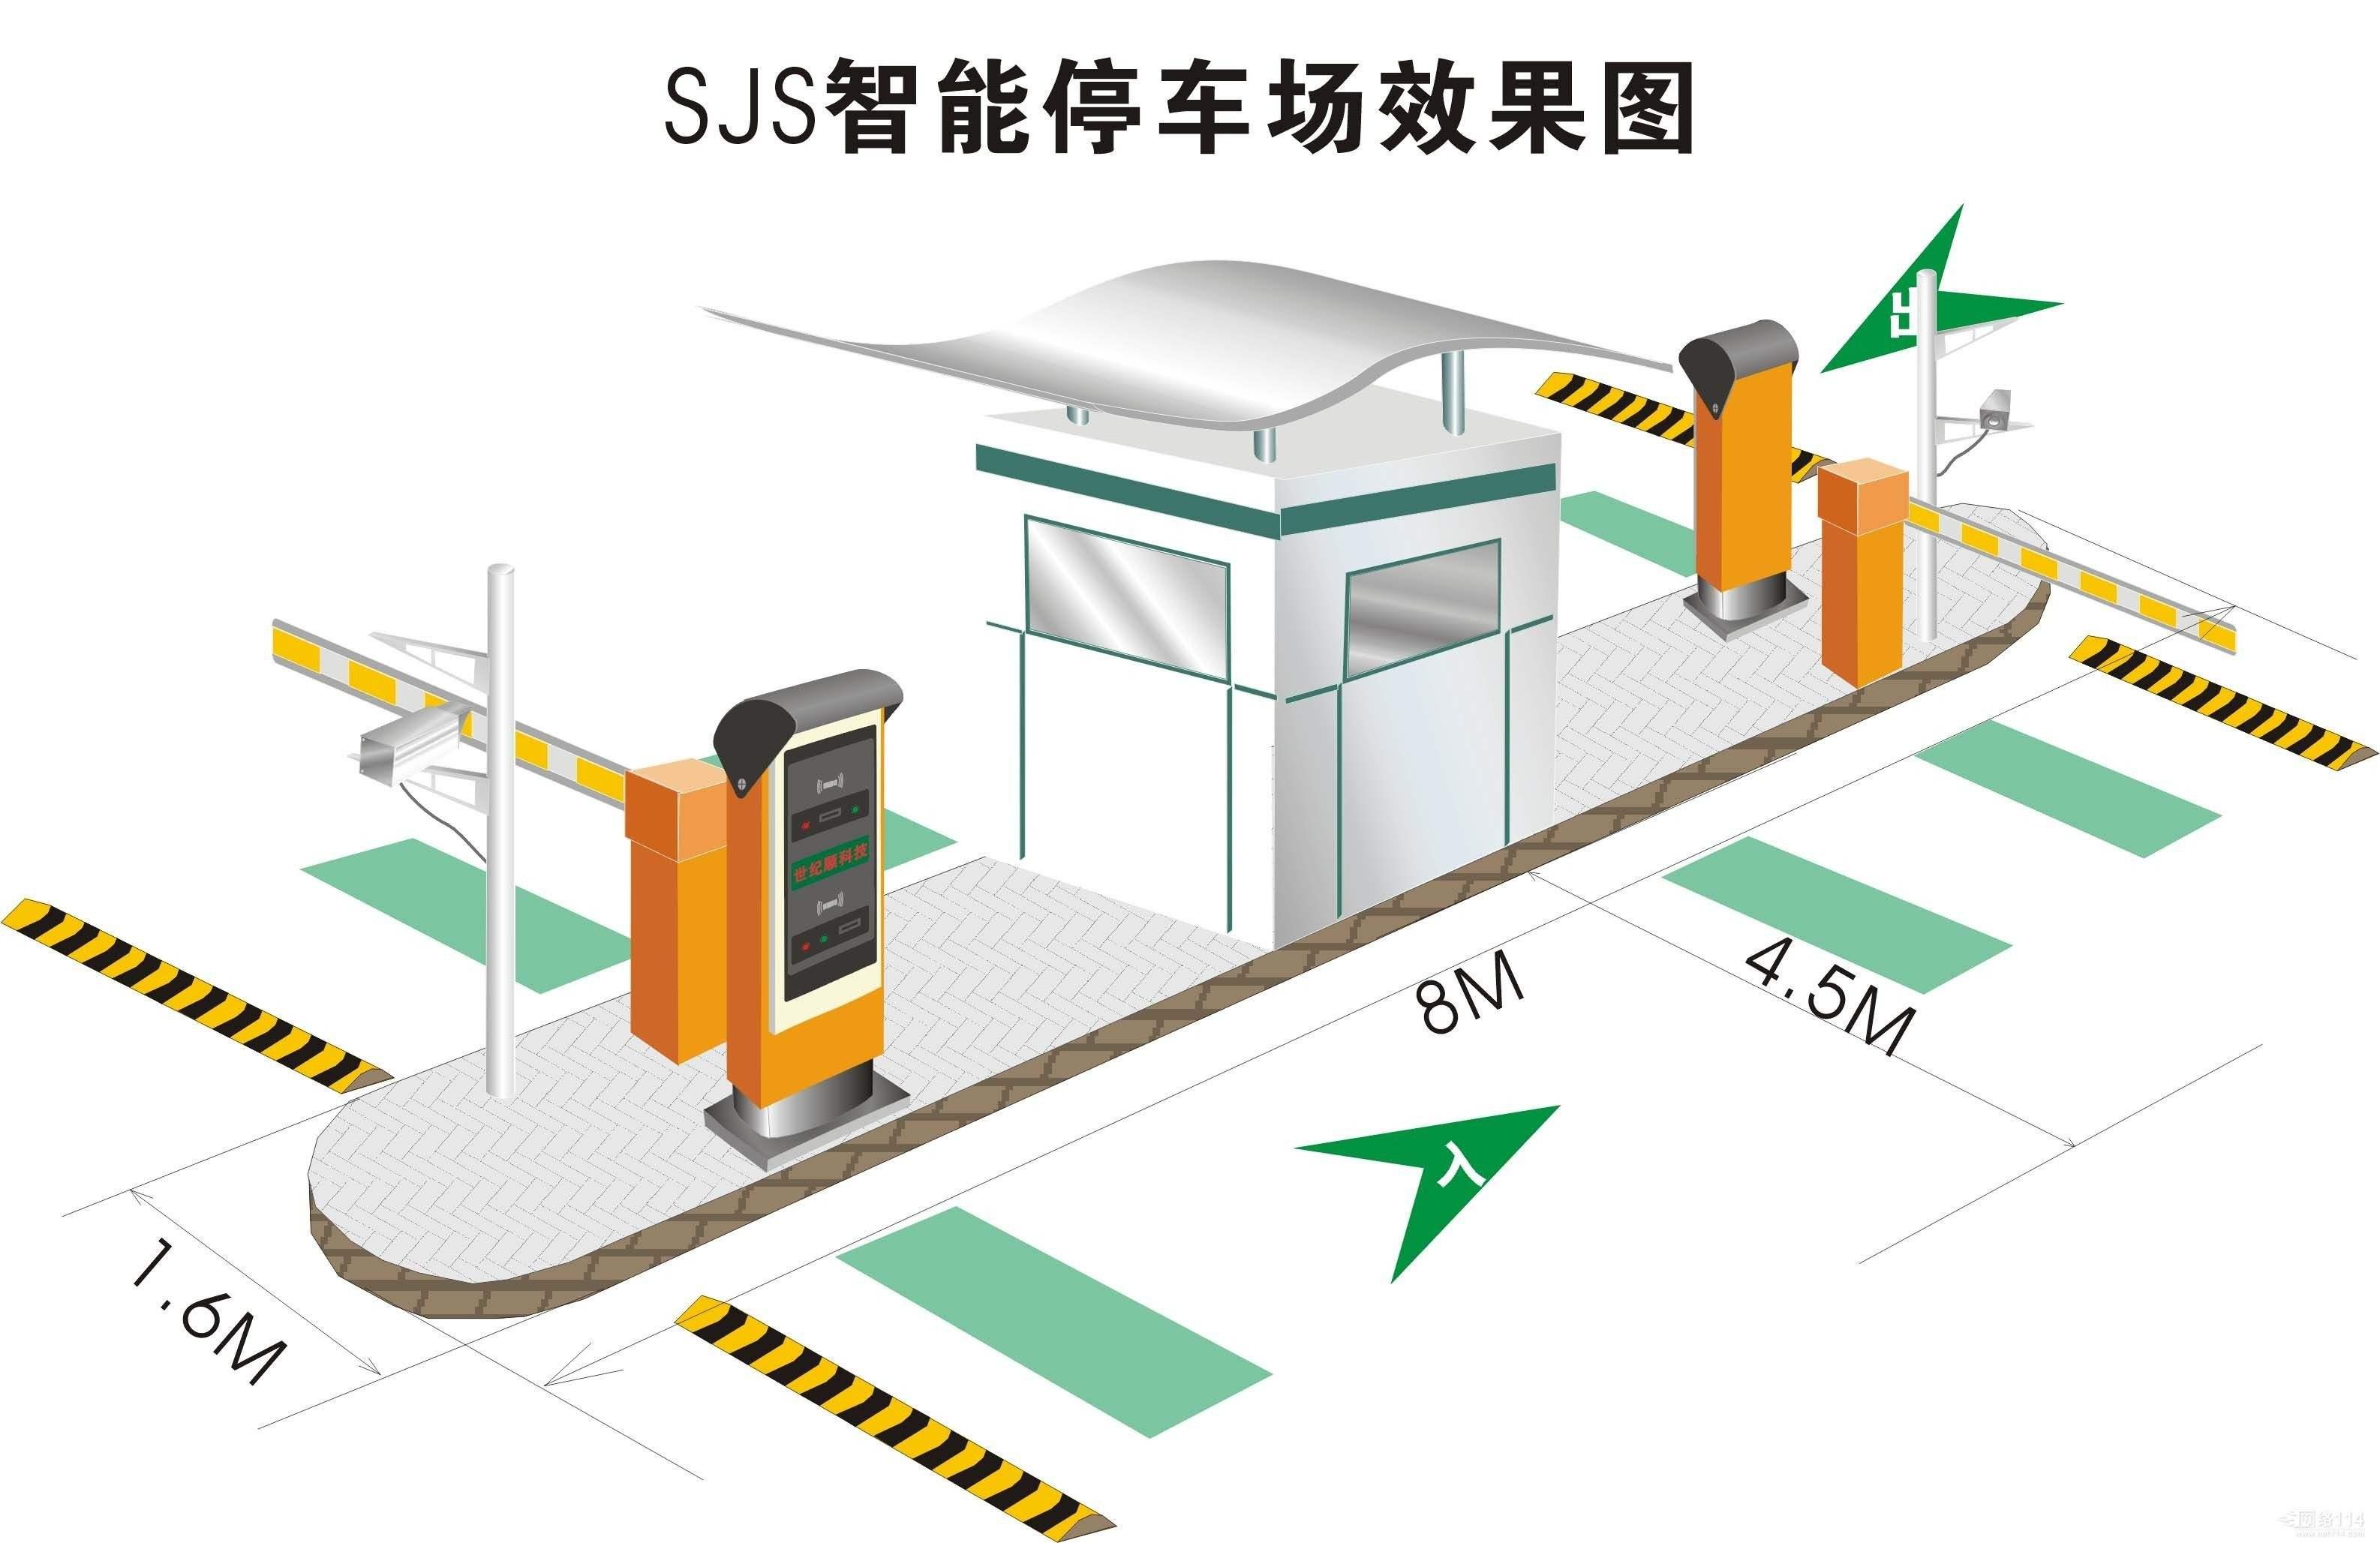 贵阳停车场系统功能特点